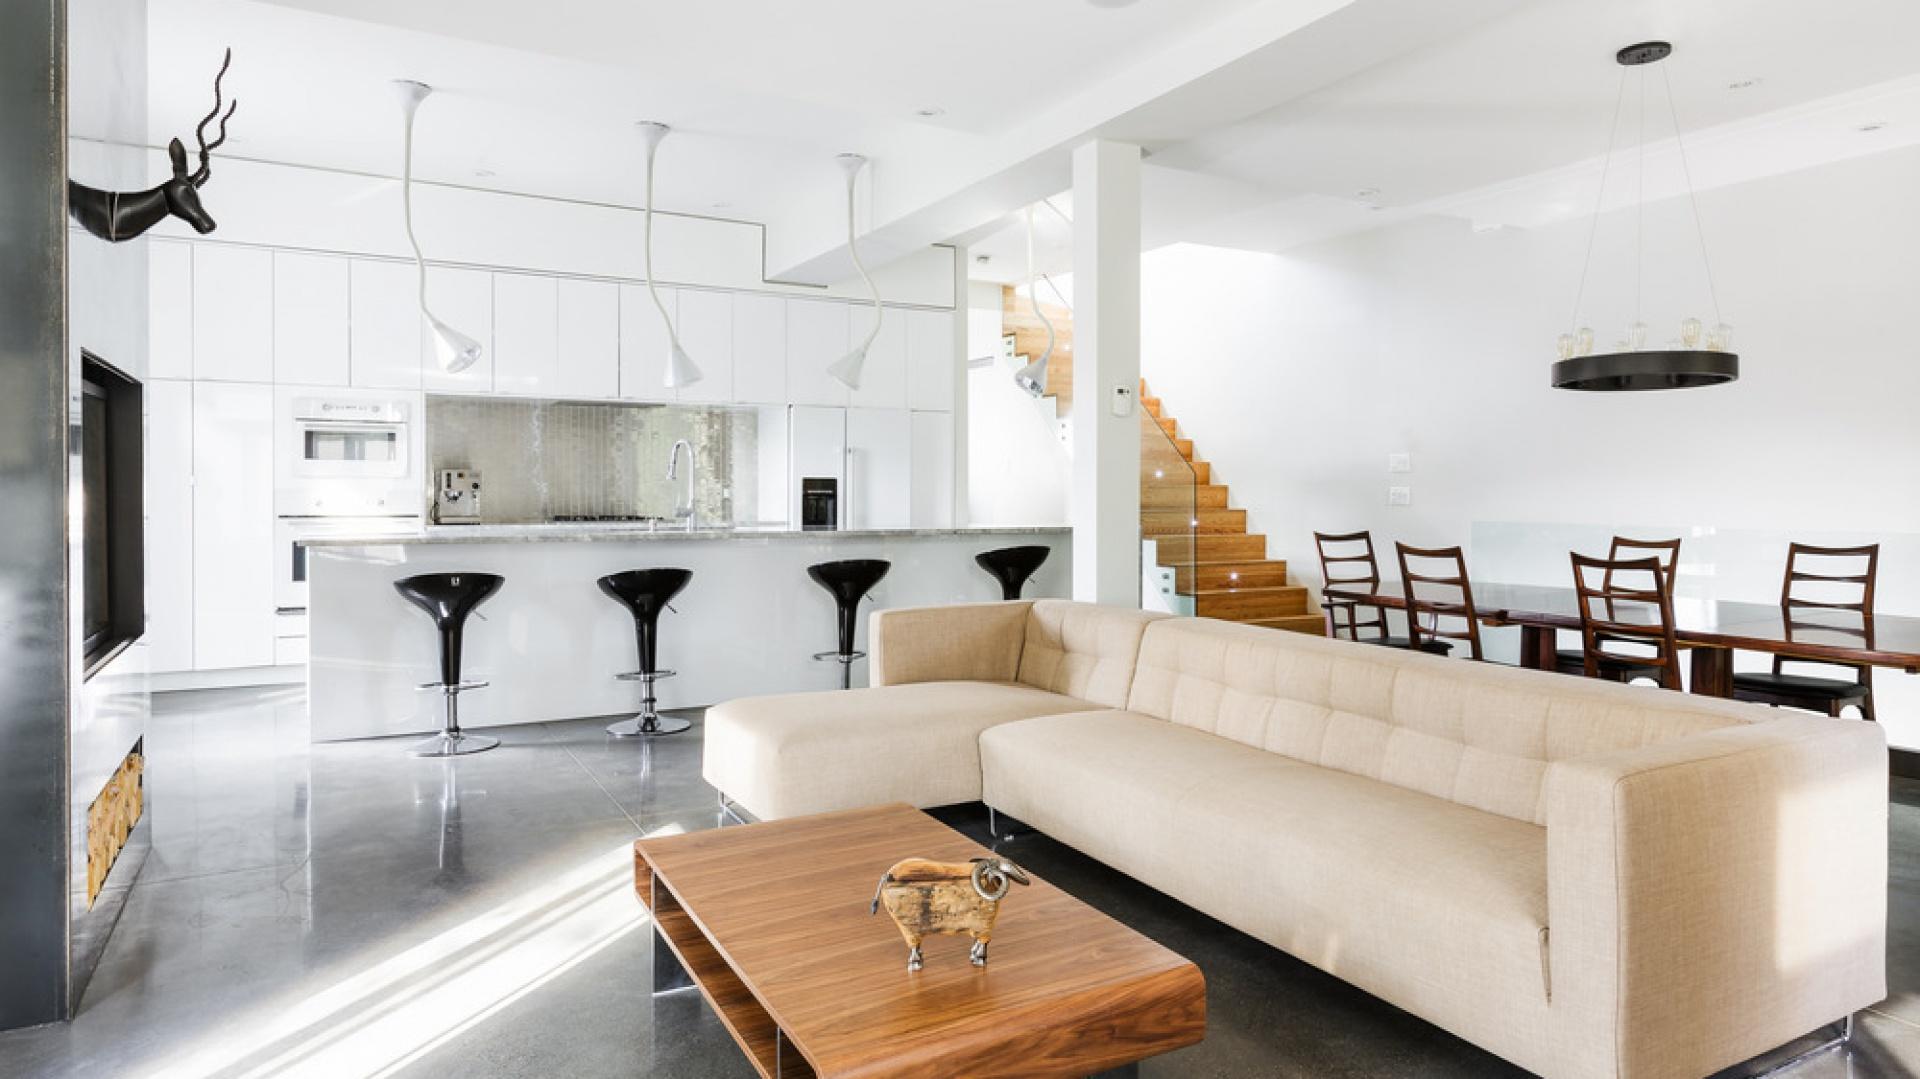 Na pierwszym piętrze mieszkania urządzono obszerną strefę dzienną. Objęła ona kuchnię z dużym, długim barem, dużą jadalnię i kącik salonowy. Projekt: MU Architecture. Fot. Ulysse Lemerise Bouchard.